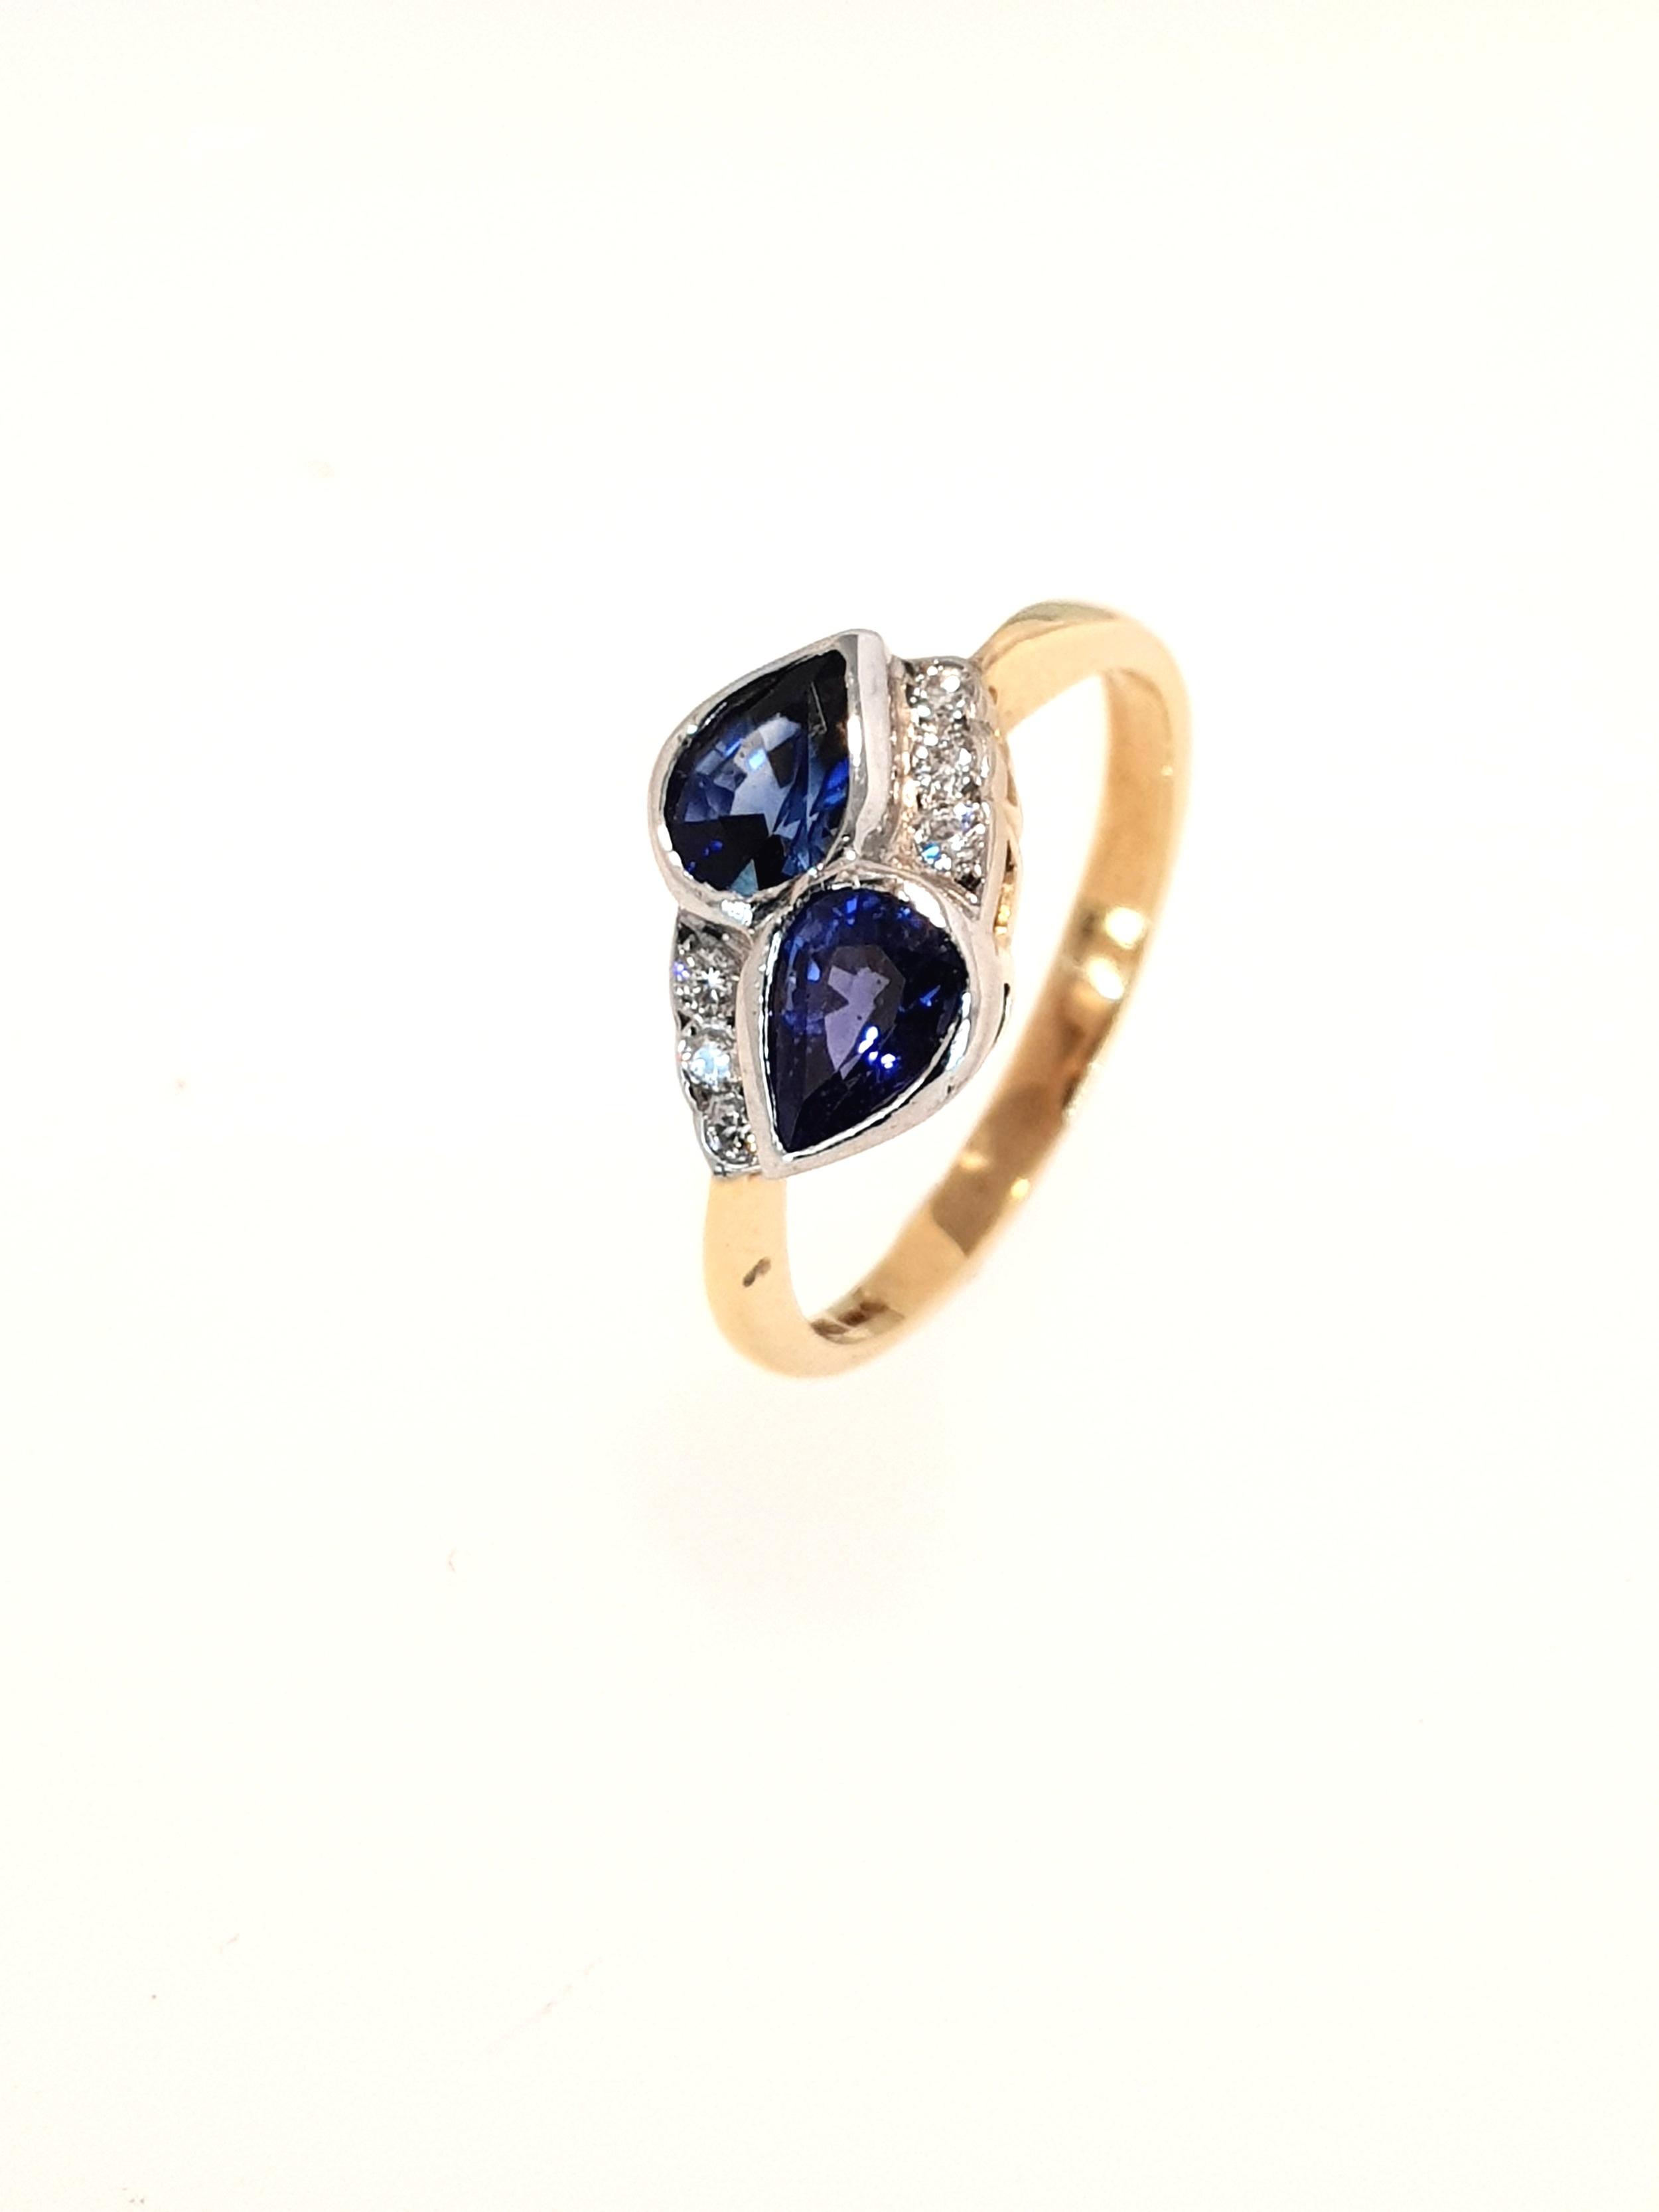 18ct Yellow Gold Sapphire & Diamond Ring  Stock Code: N8925  £1350